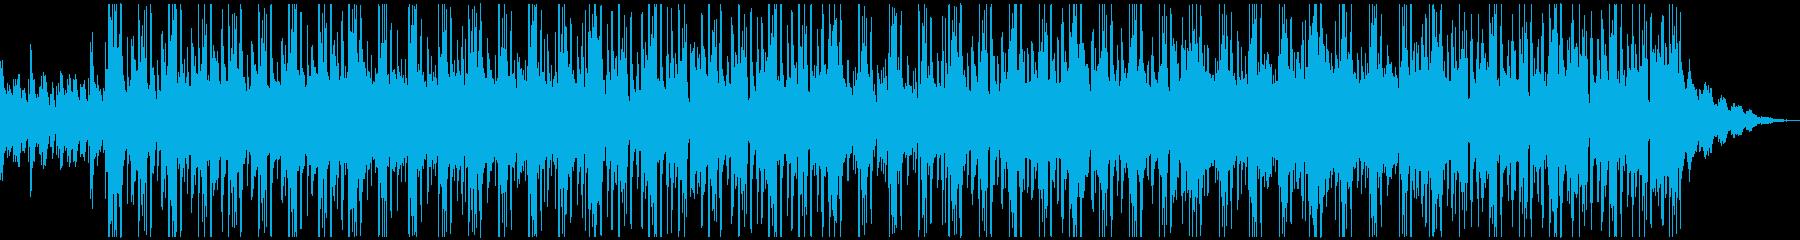 妖しいシンセが印象的な癒し系ピアノホップの再生済みの波形